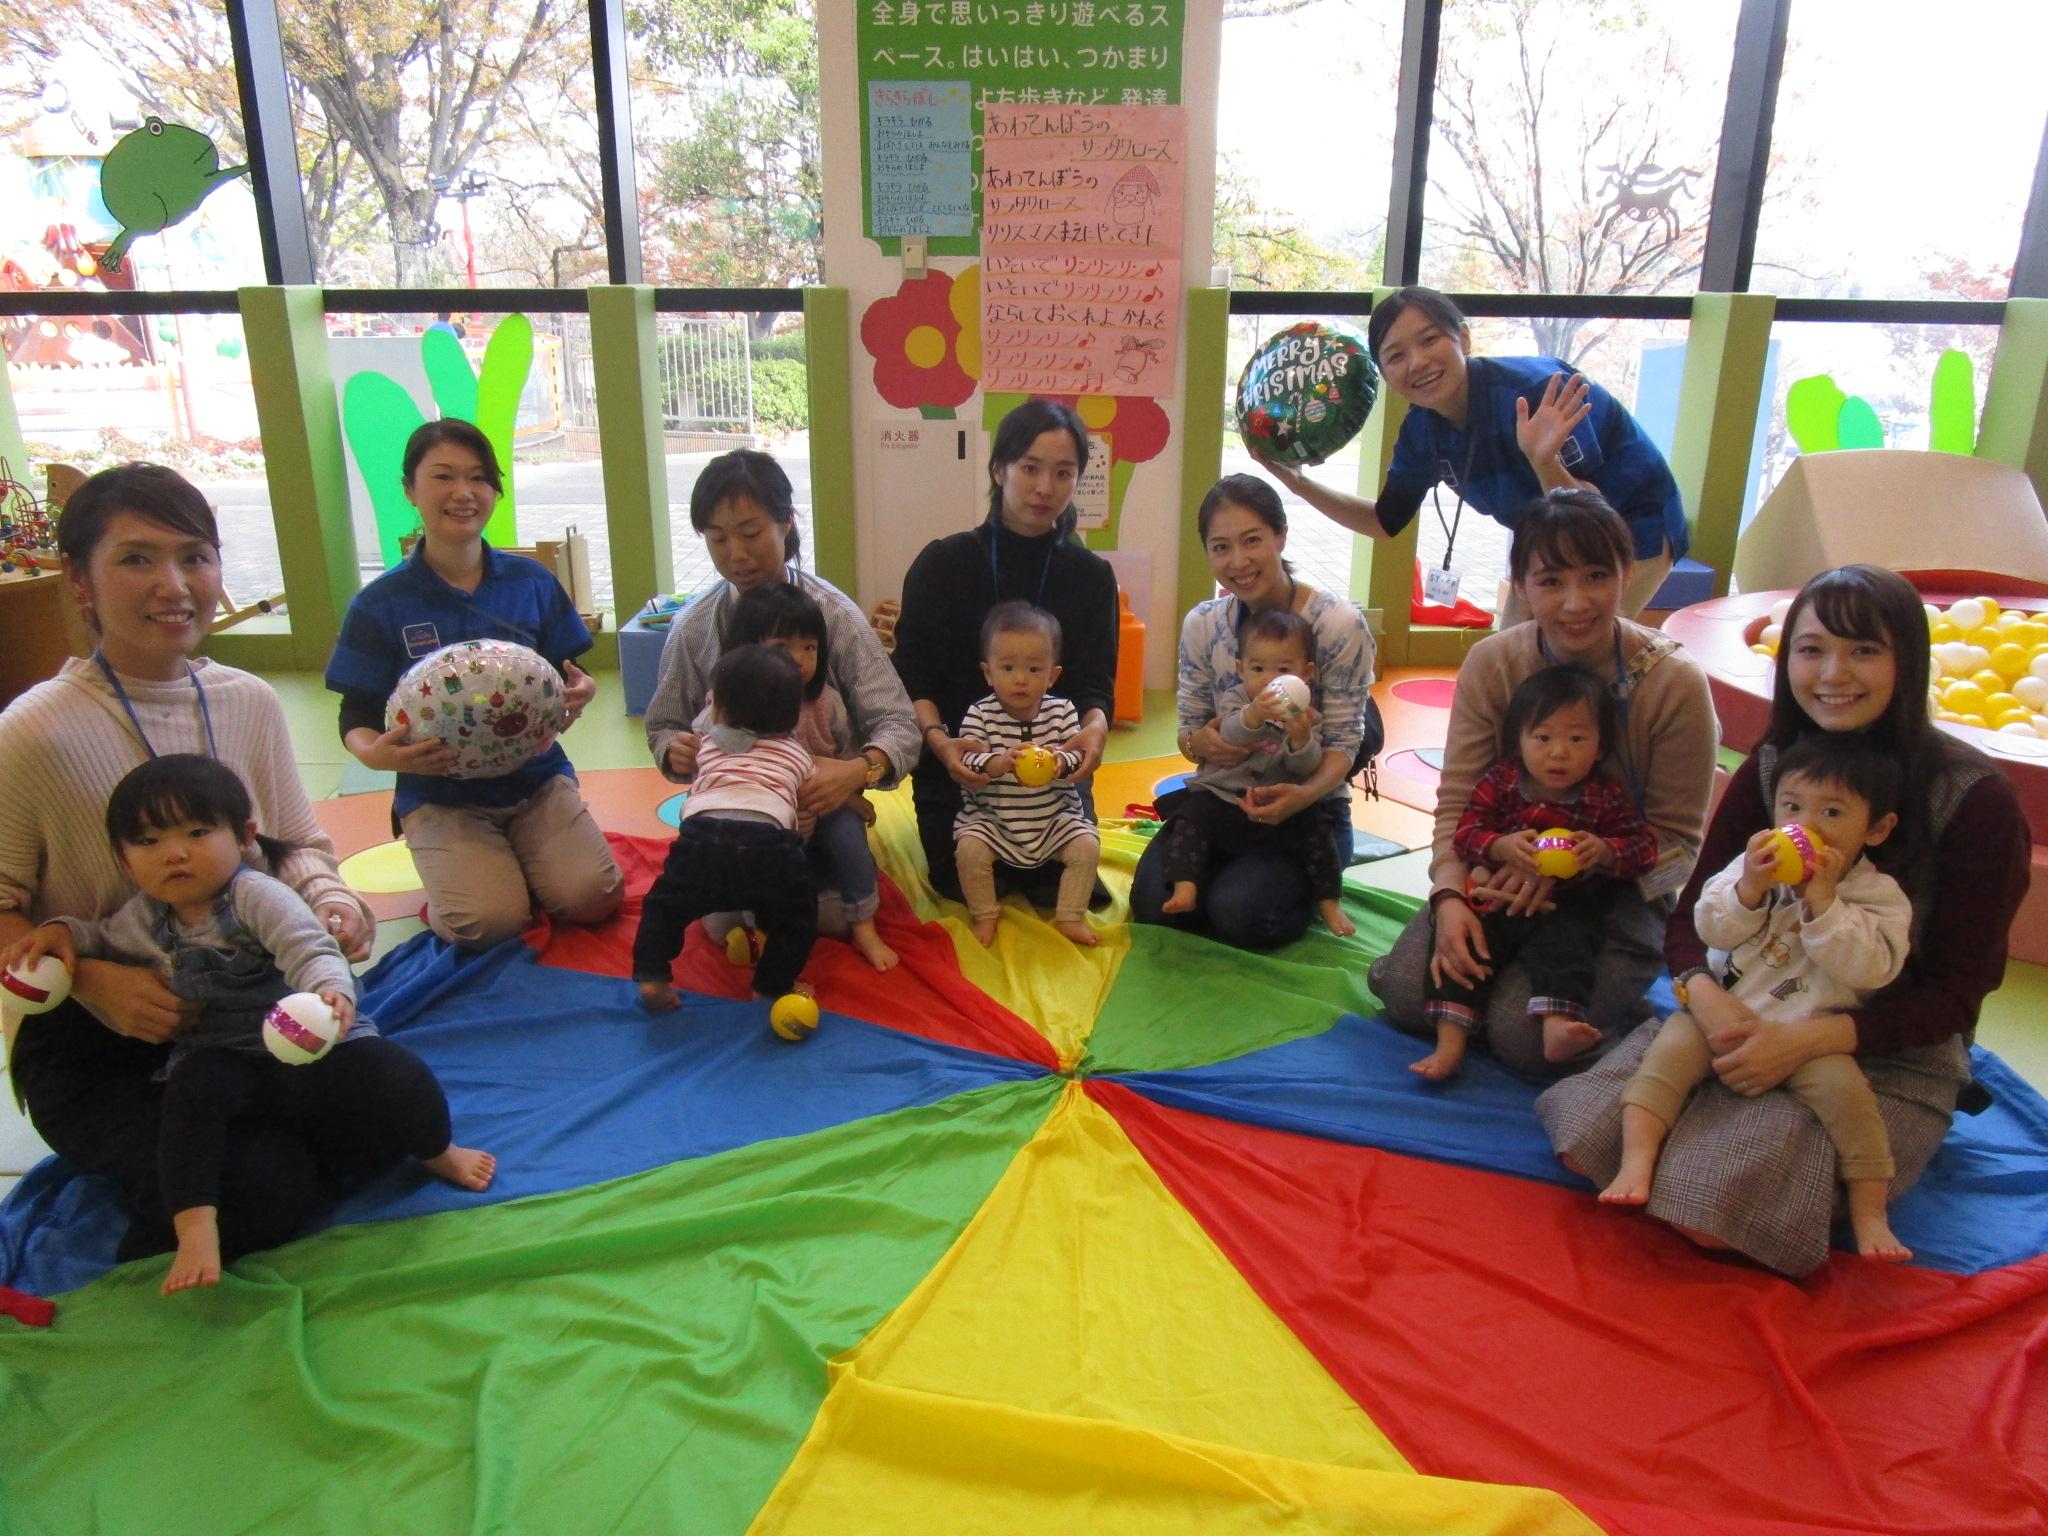 赤ちゃんイベント『パラバルーンであそぼう』 『1歳のお誕生日会』